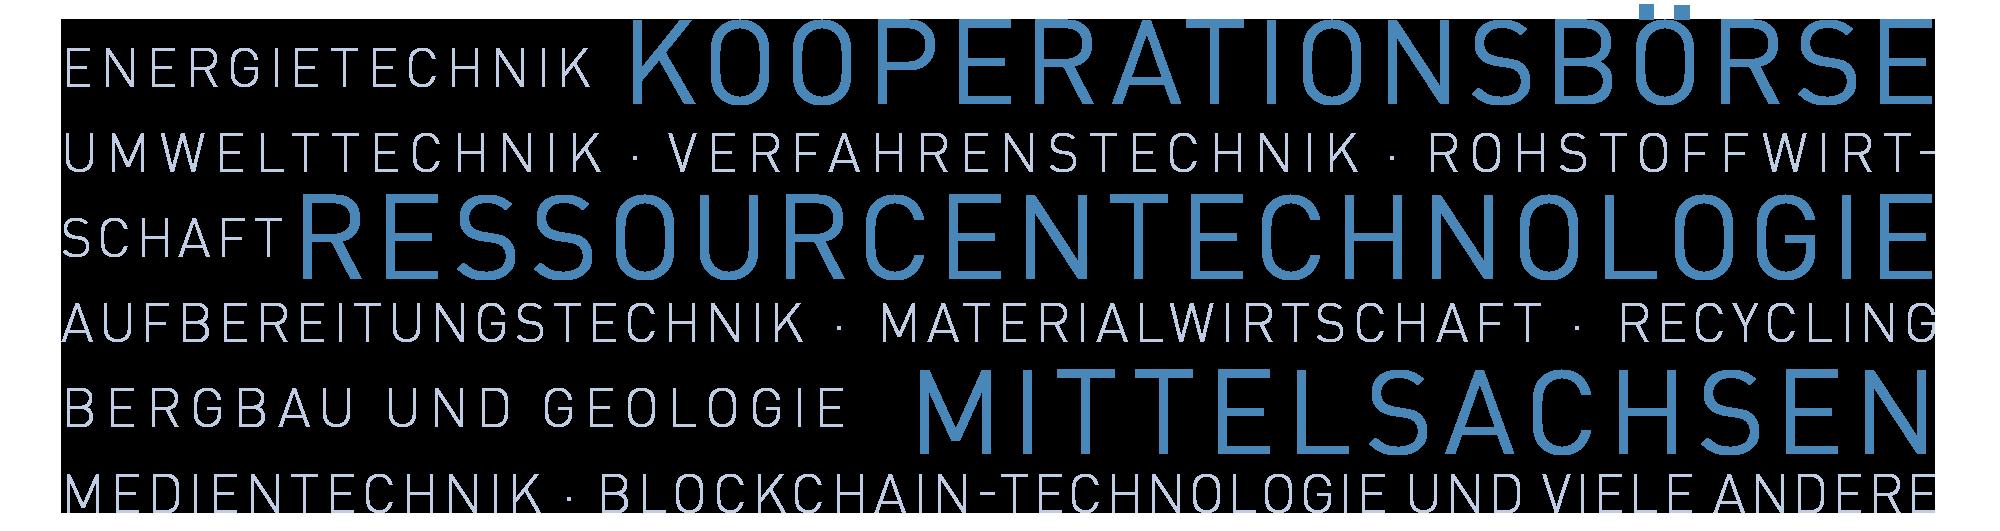 RESTEC Kooperationsbörse Ressourcentechnologie Mittelsachsen